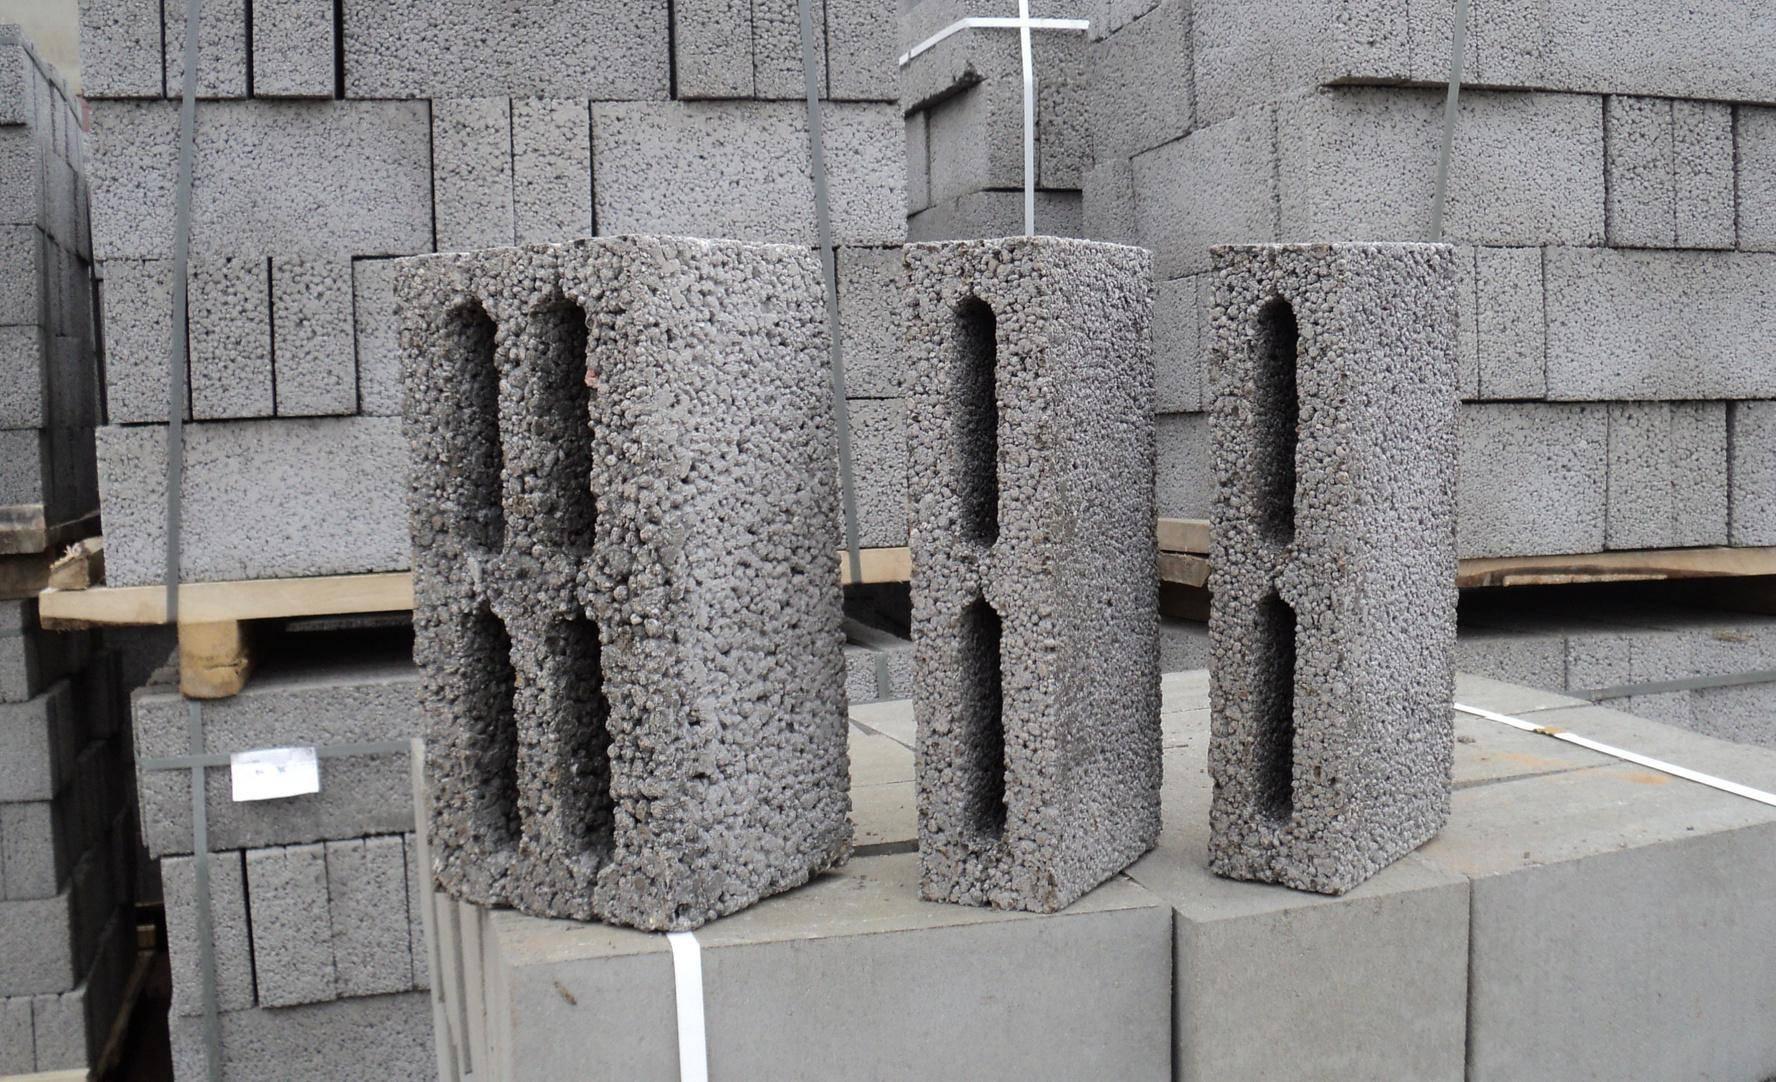 Вес керамзитобетонных блоков: сколько весит 1 блок 20х20х40 и 390х190х190? вес стеновых блоков 390х188х190 и других размеров